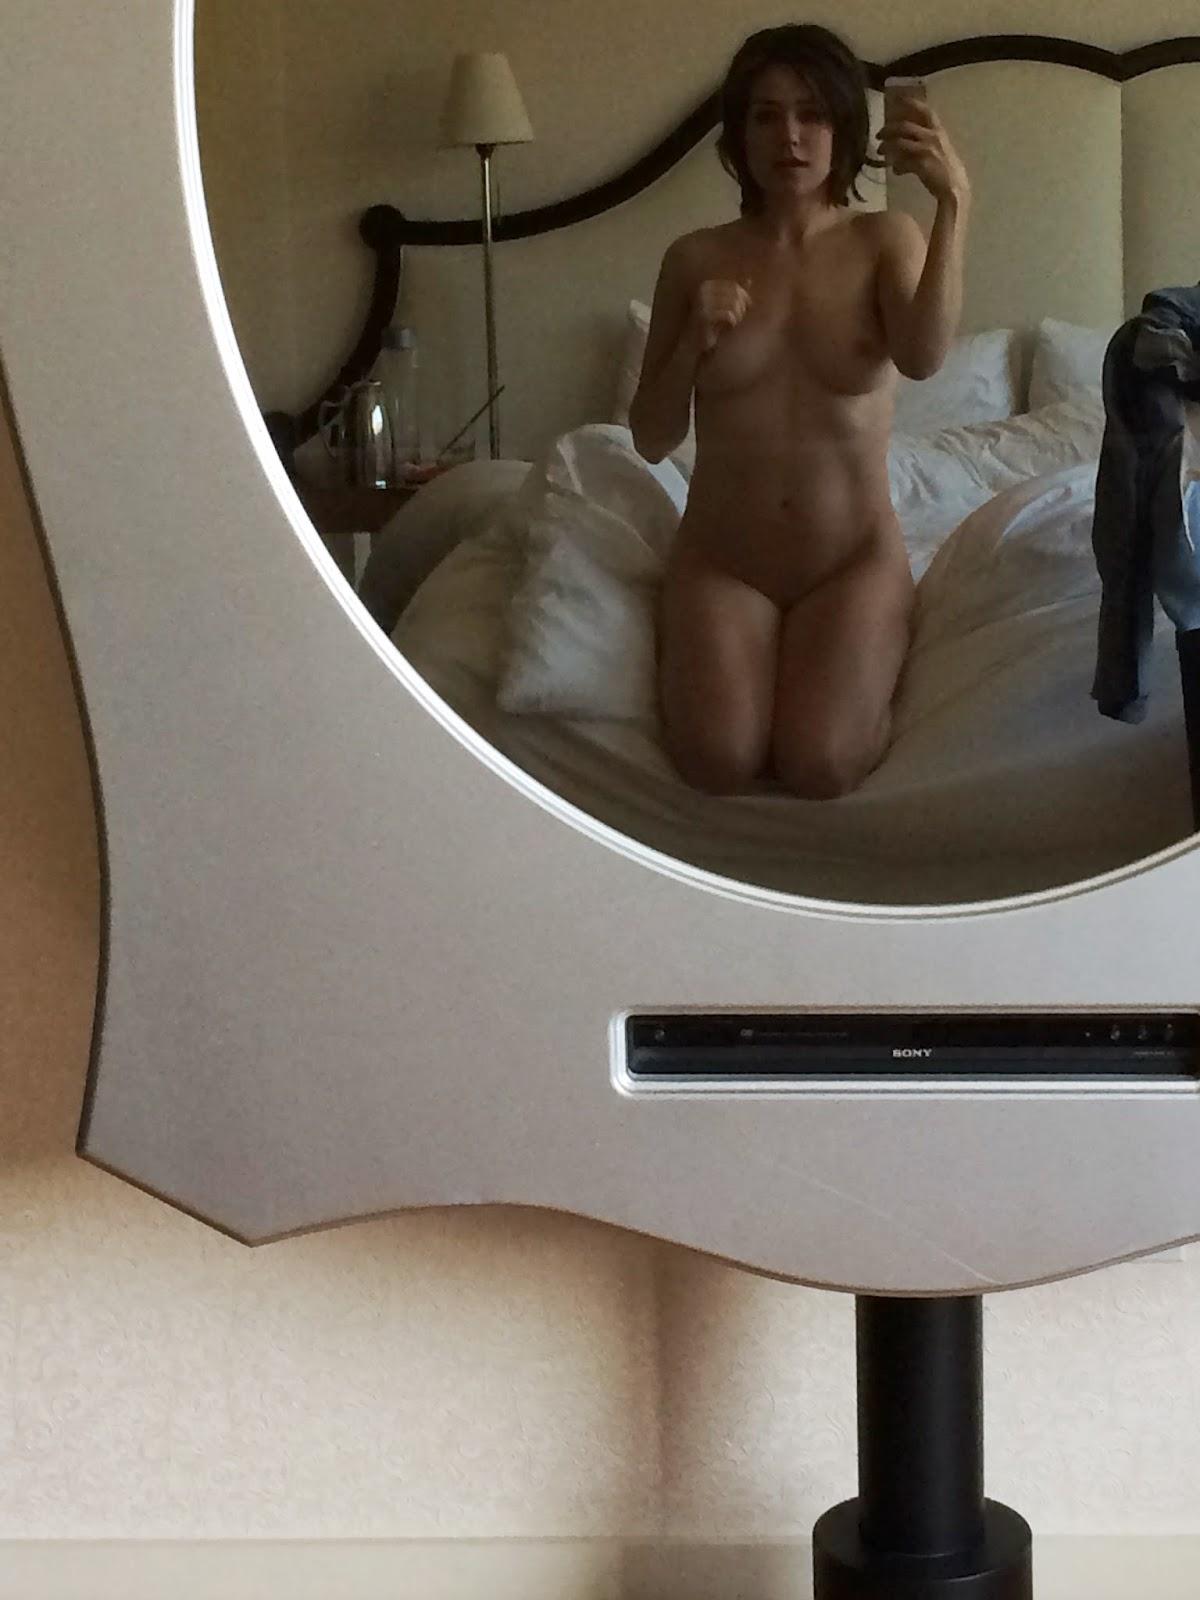 صور مسربة لميغان بون وهي عارية